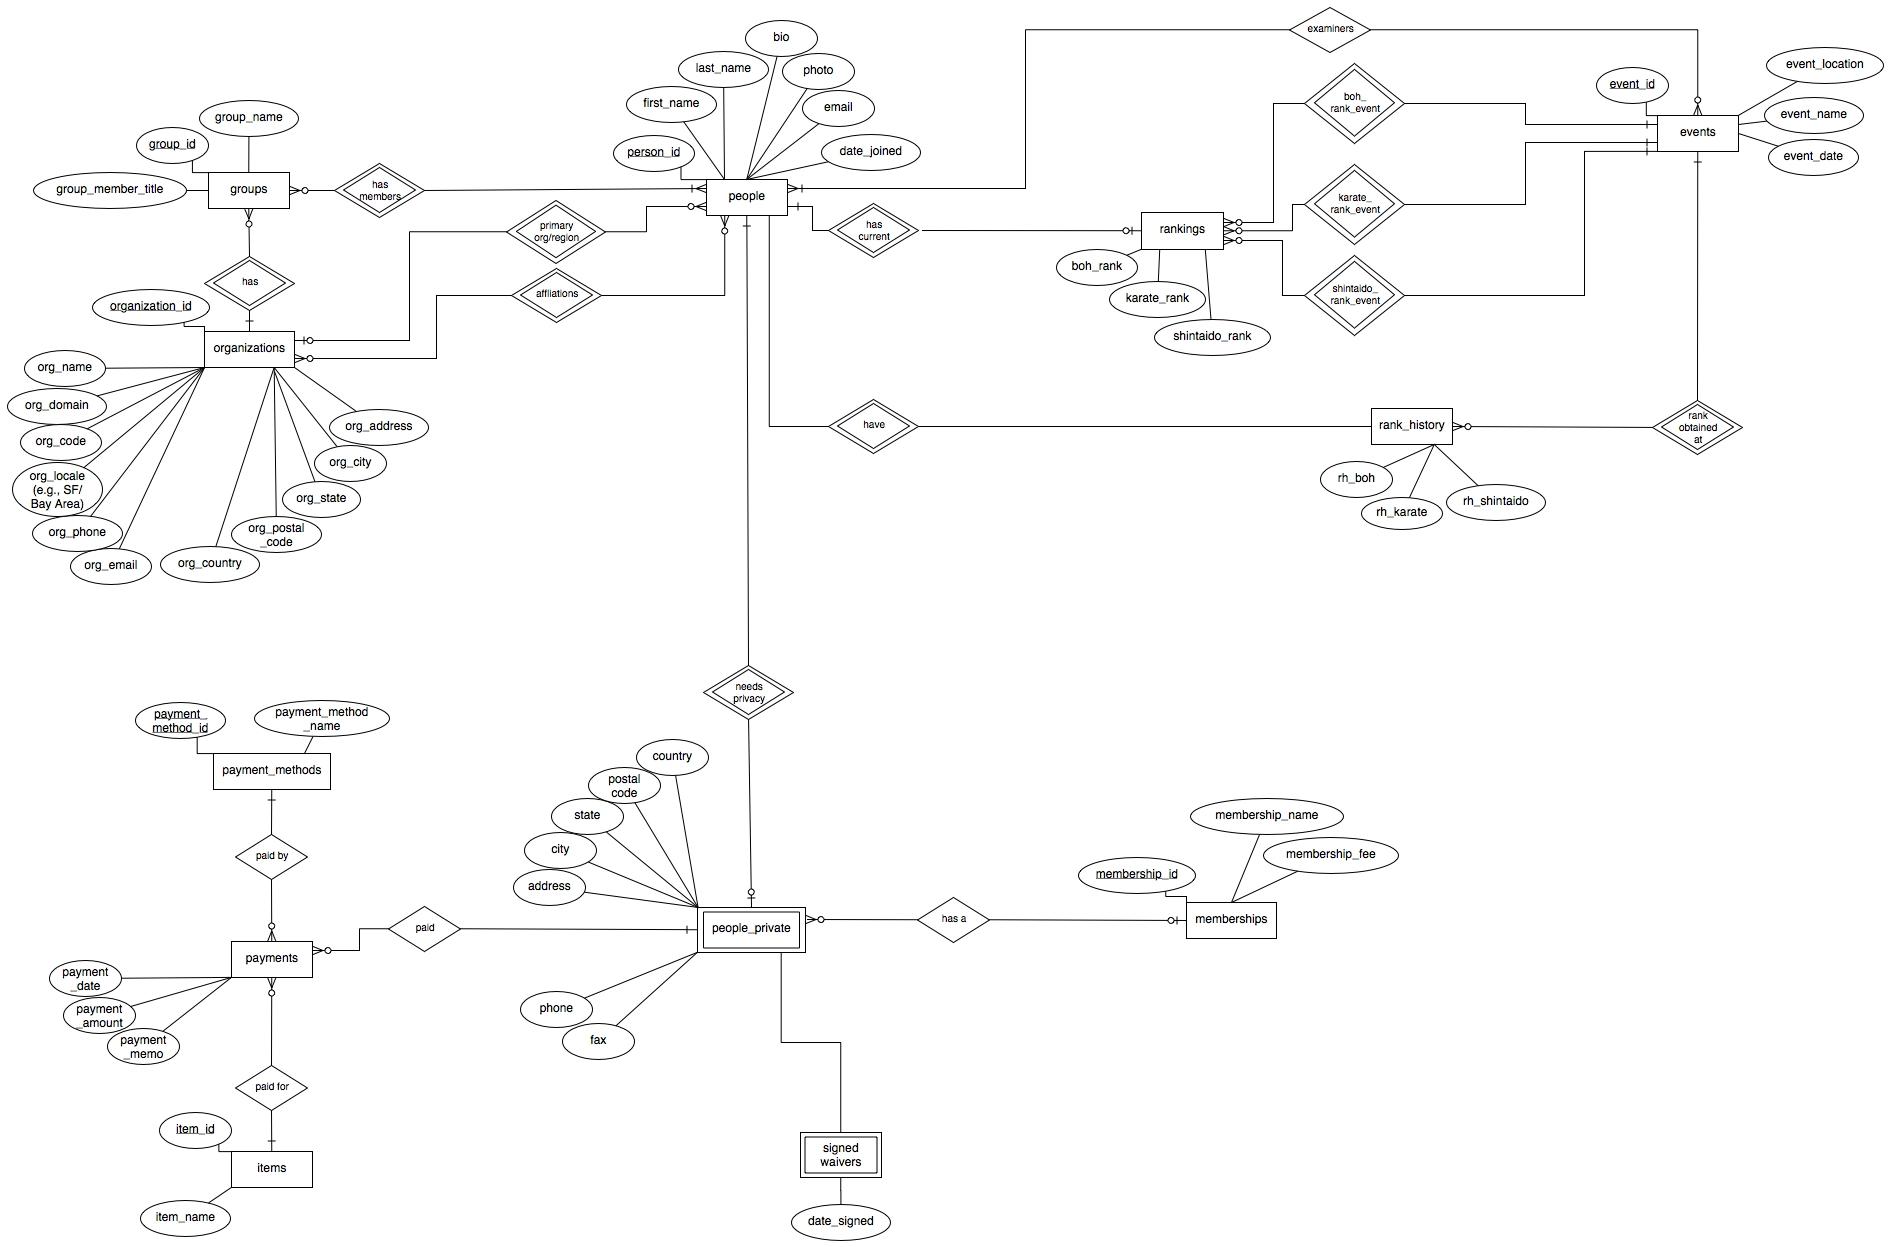 Xk_9244] Shopping Cart Entity Relationship Diagram Creately